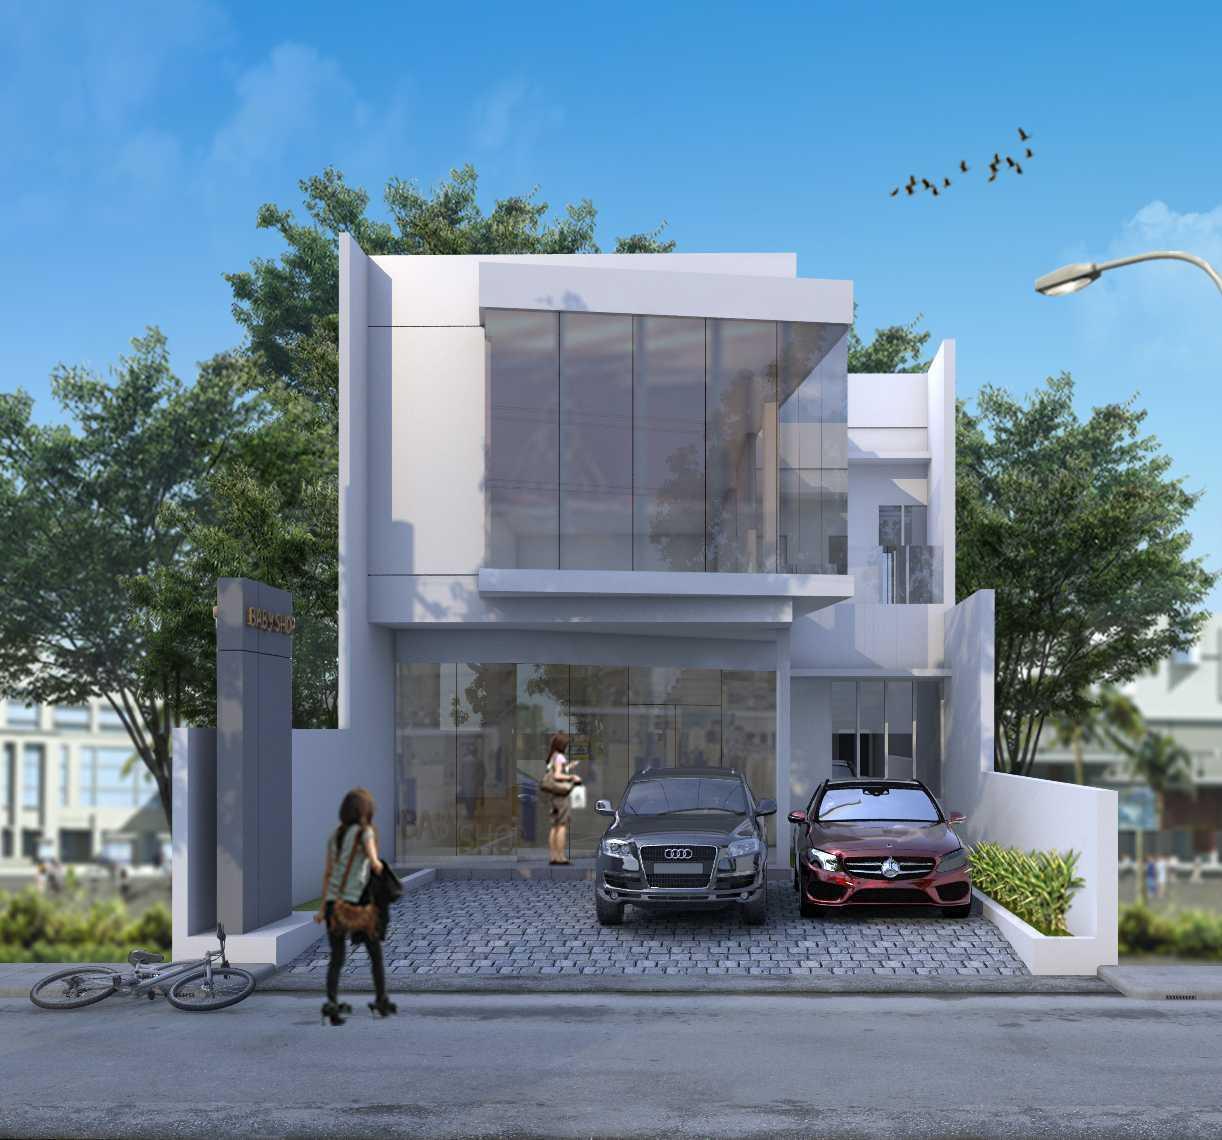 Caa Architect Baby Shop Surakarta, Kota Surakarta, Jawa Tengah, Indonesia Surakarta, Kota Surakarta, Jawa Tengah, Indonesia Caa-Architect-Baby-Shop   61805